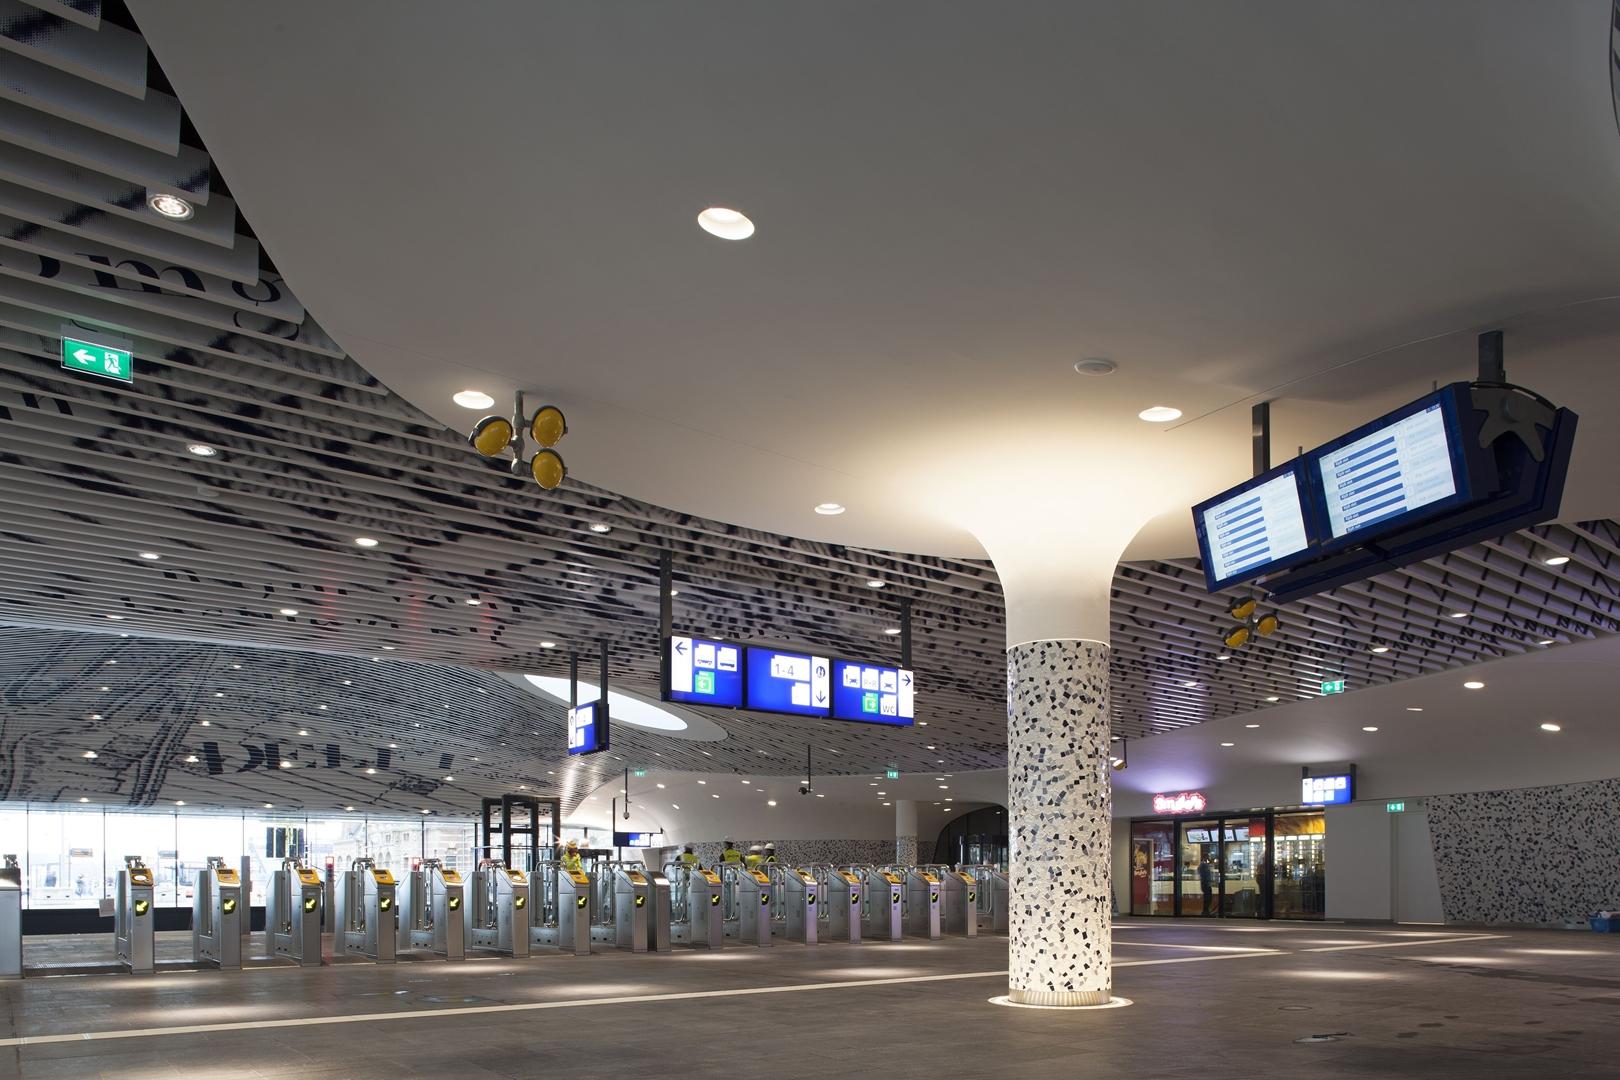 Foto Mecanoo_Stationshal Delft_03 (Copy)